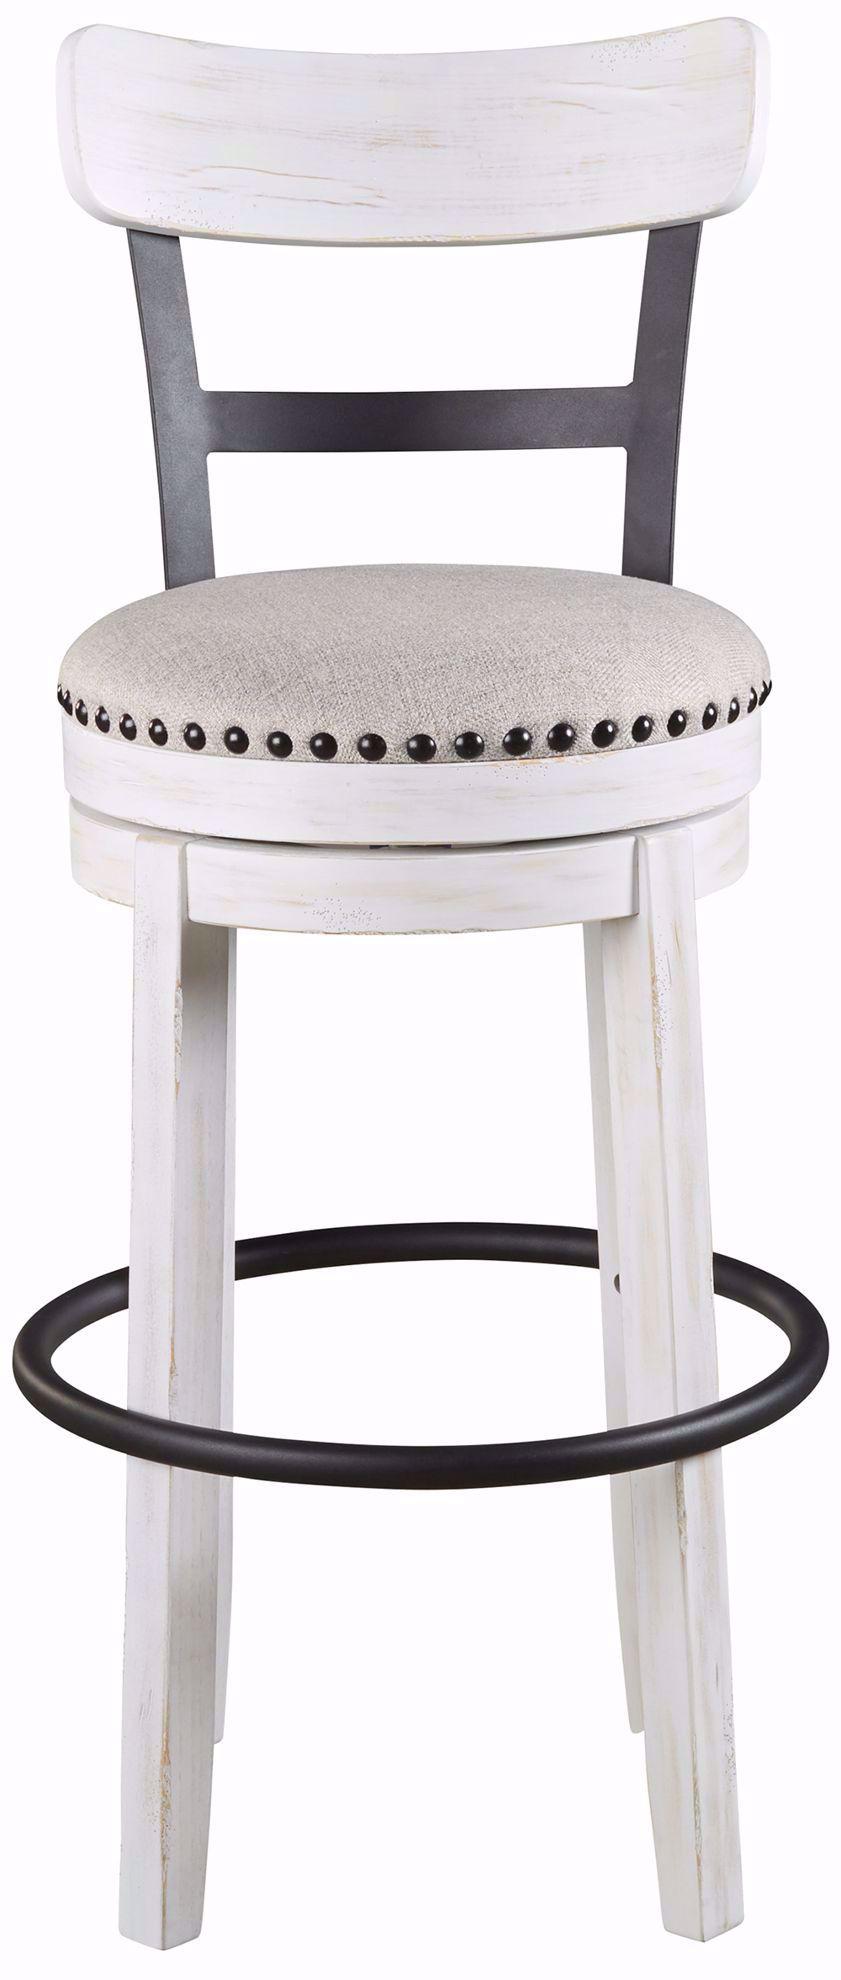 Picture of Valebeck White Upholstered Swivel Barstool